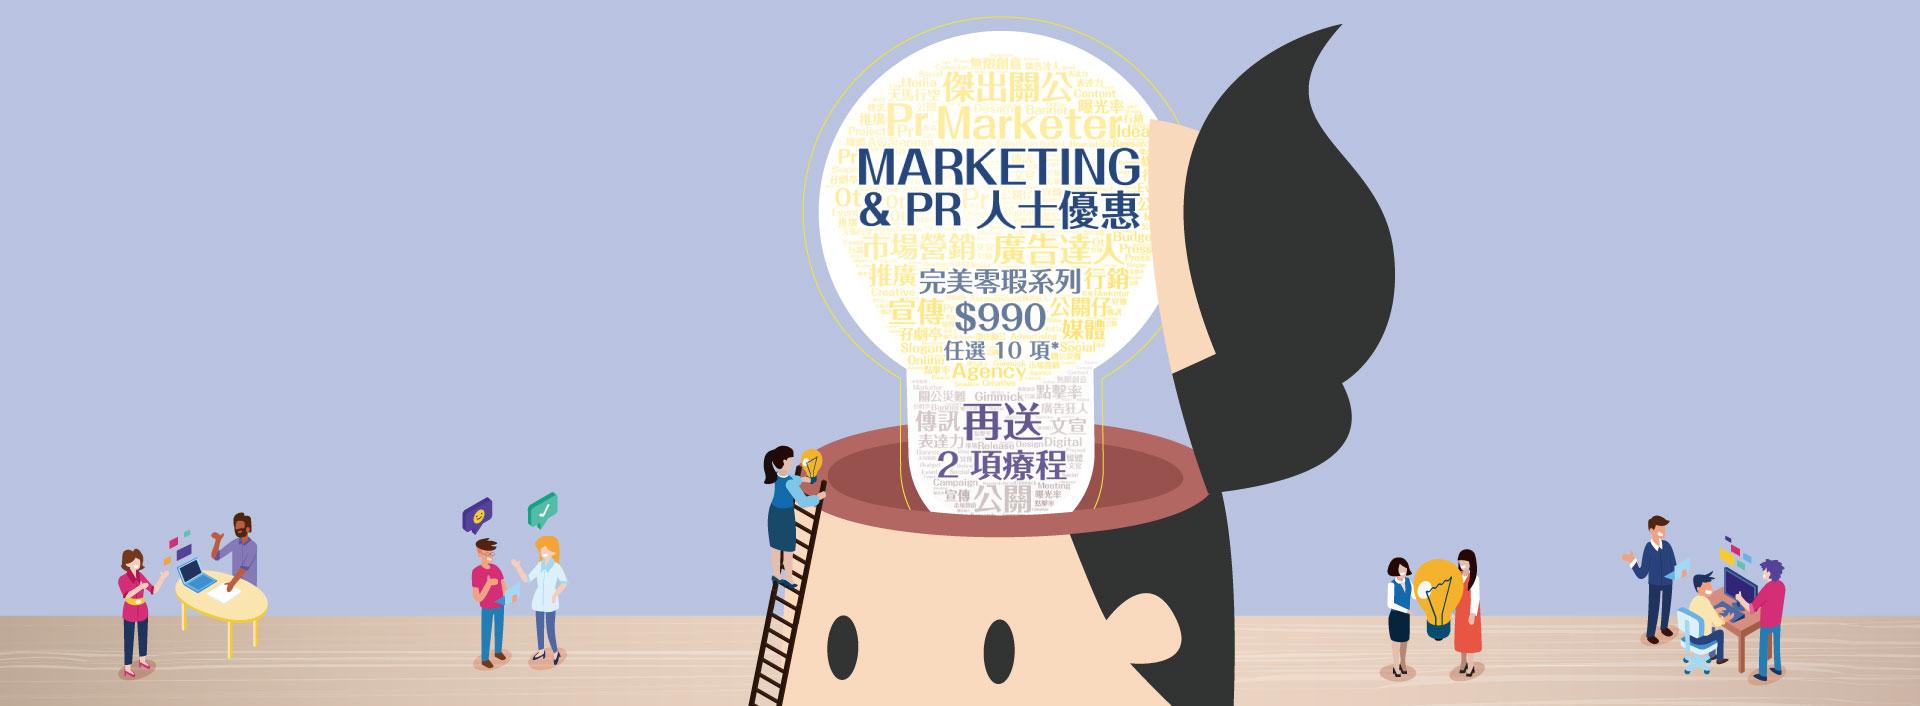 廣告達人 $990/12項 Marketing & PR人士優惠